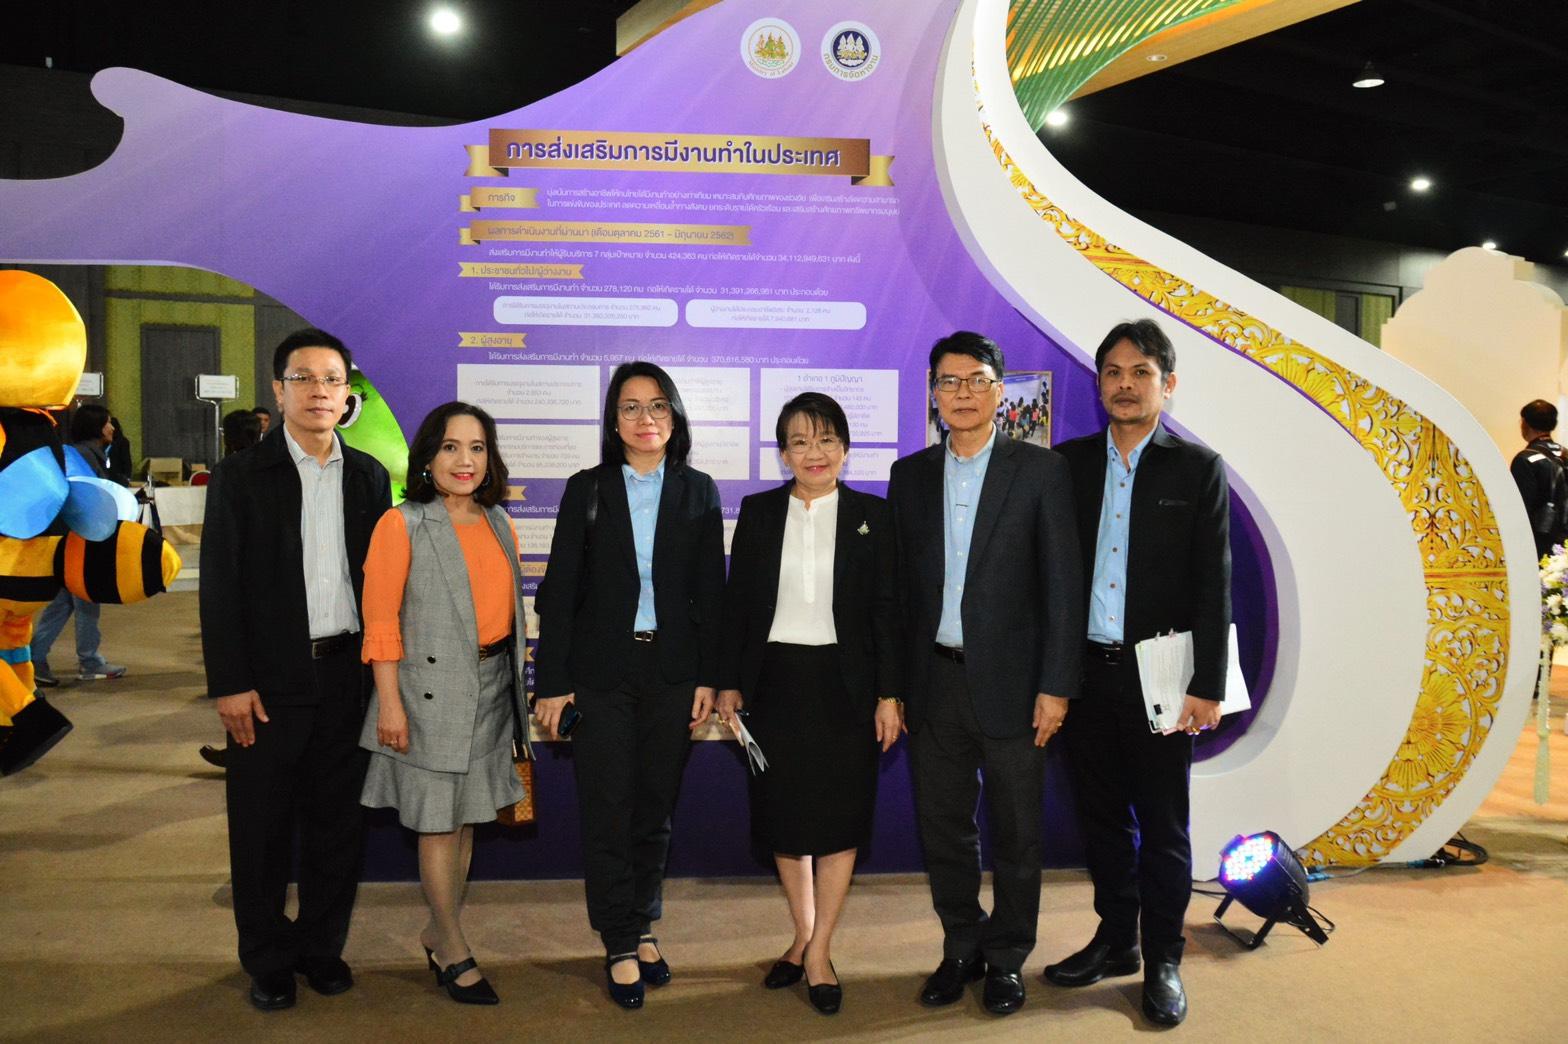 รองอธิบดีกกจ. ร่วมเป็นเกียรติในงานมอบรางวัล Thailand Labour Management Excellence Award 2019